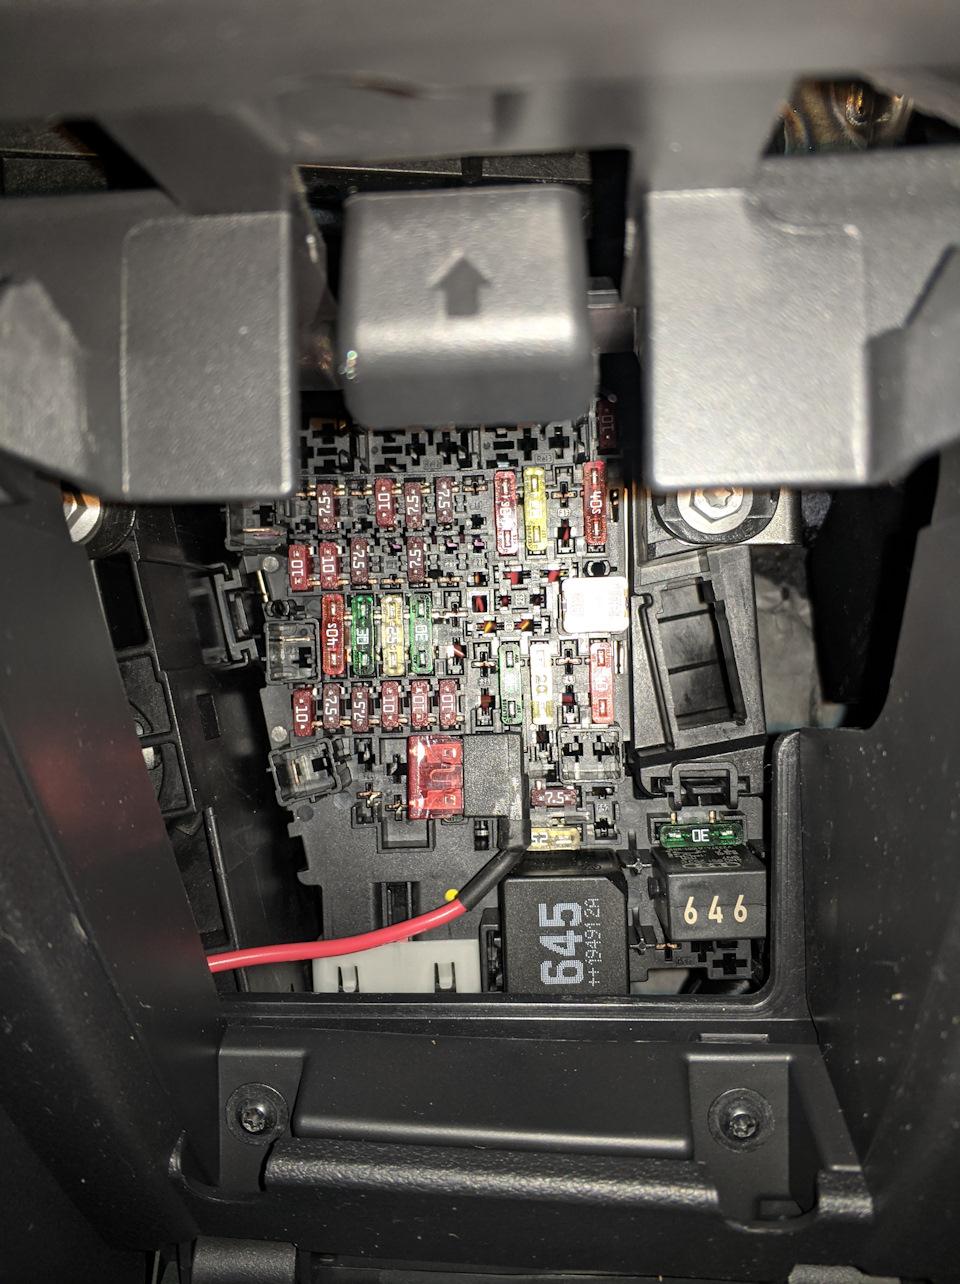 Q4AAAgD3XeA-960.jpg